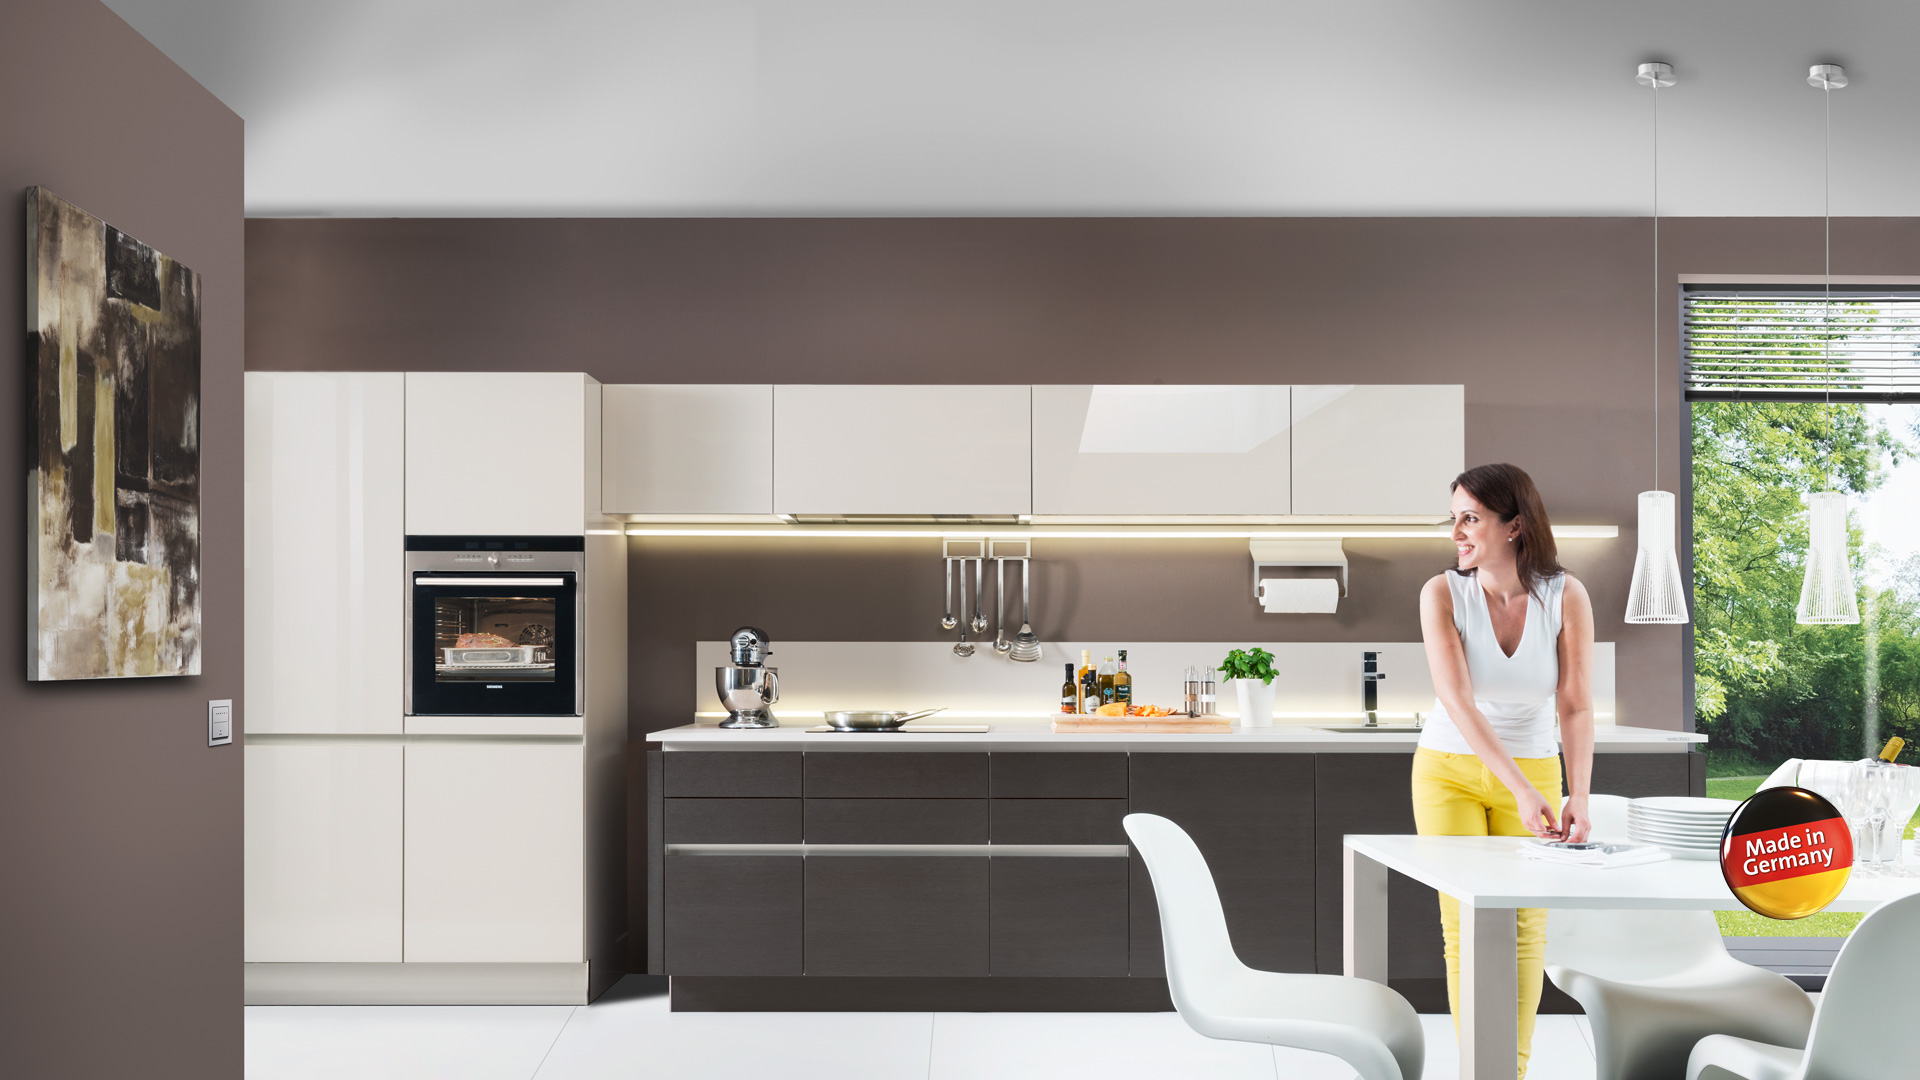 Bonito venta liquidaciones cocinas im genes muebles de for Muebles de cocina kuchen